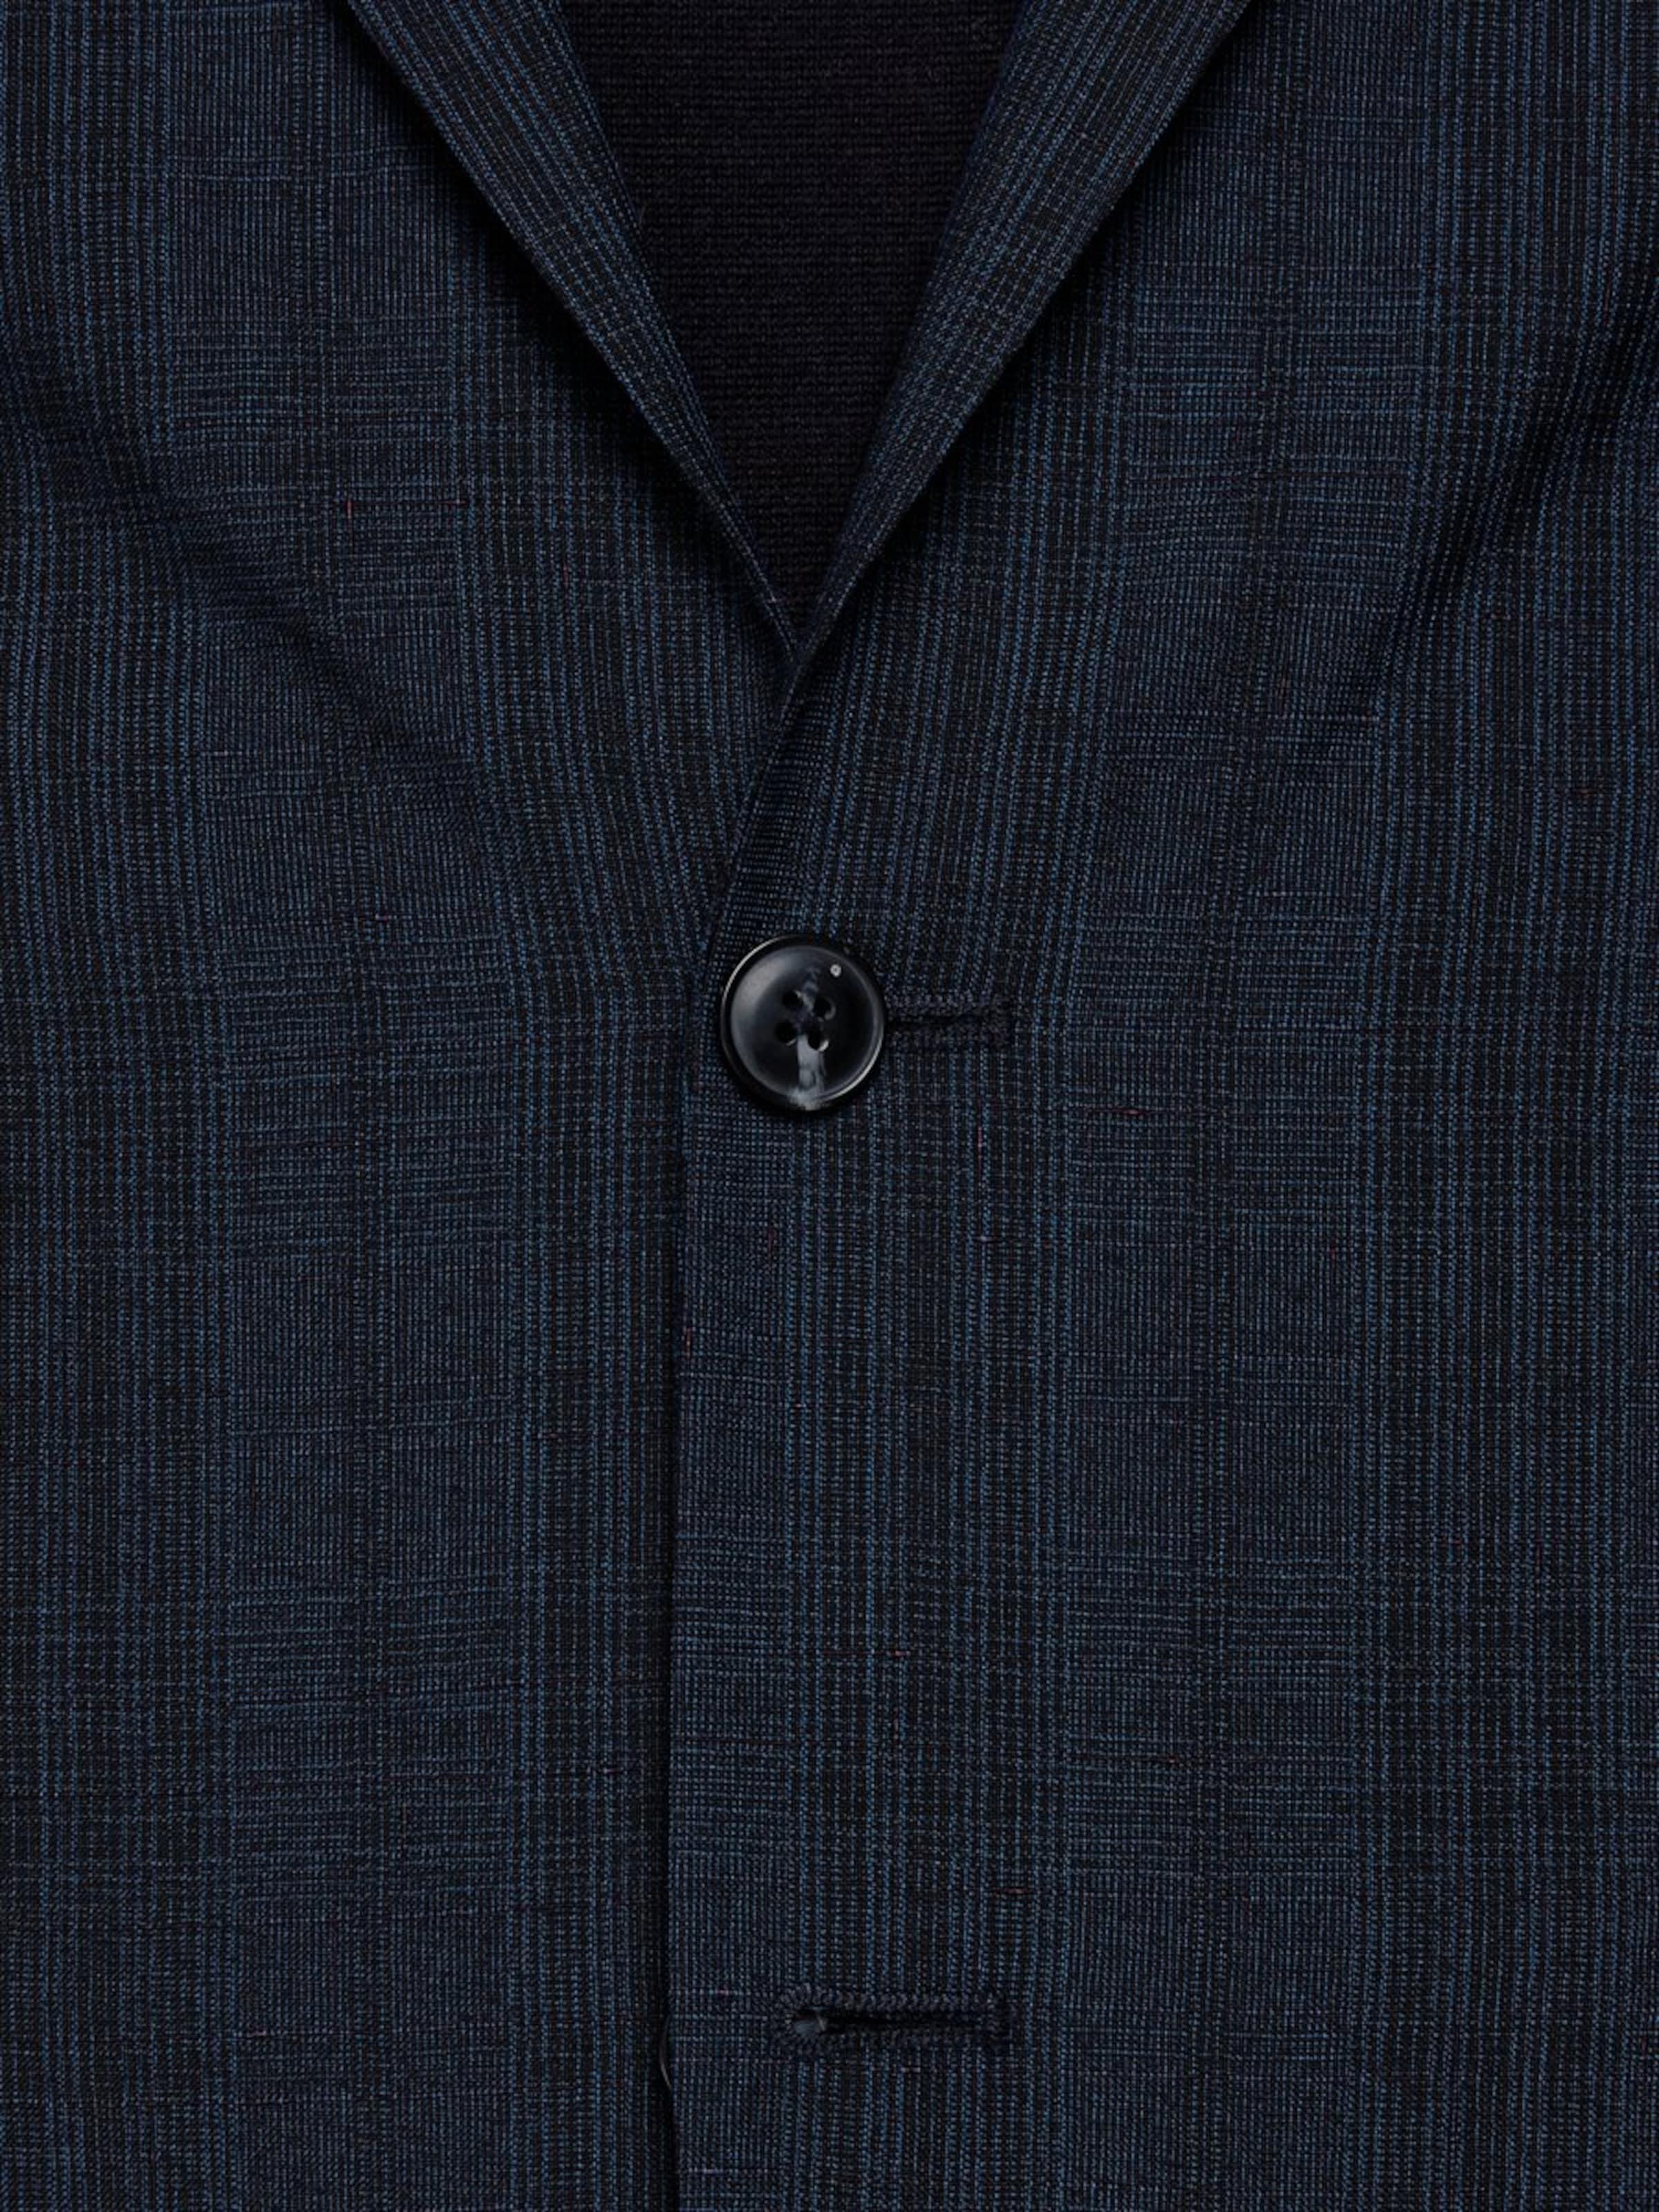 Bleu De En Jones Noir Vin Veste Costume Jackamp; MarineLie 35R4LjAq